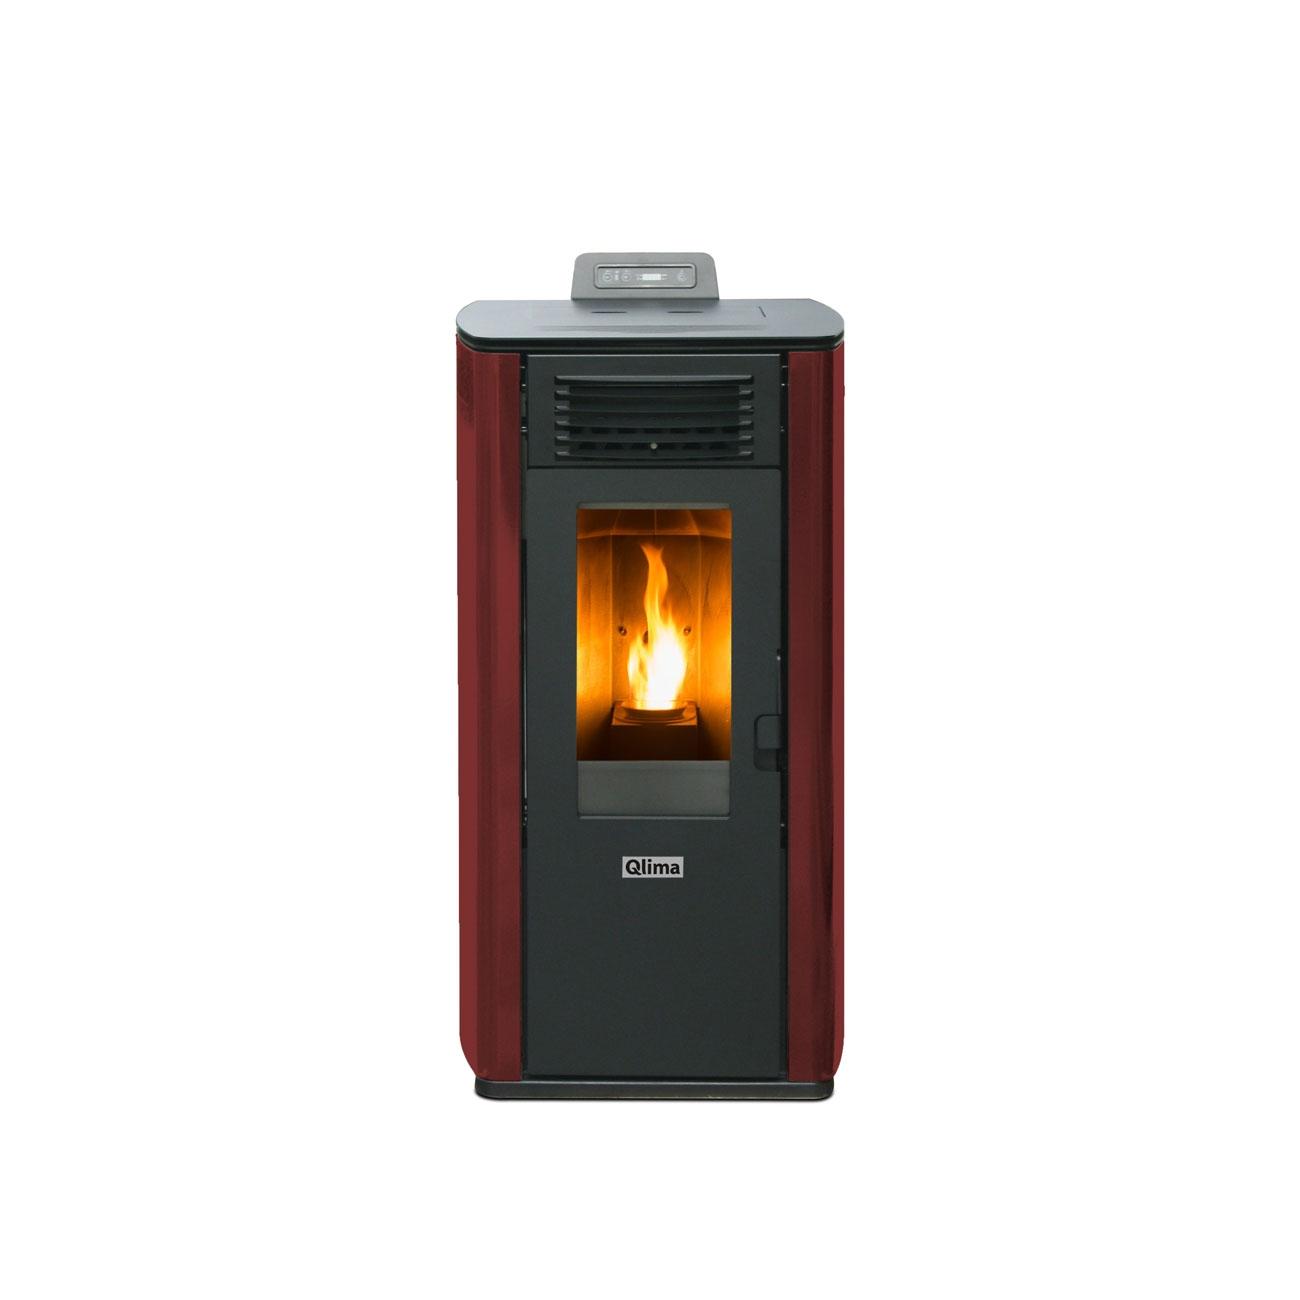 Estufa de pellets Qlima Fiorina 74 S-LINE Red Slim 8.24 kW - Productos Reaconditionados 2